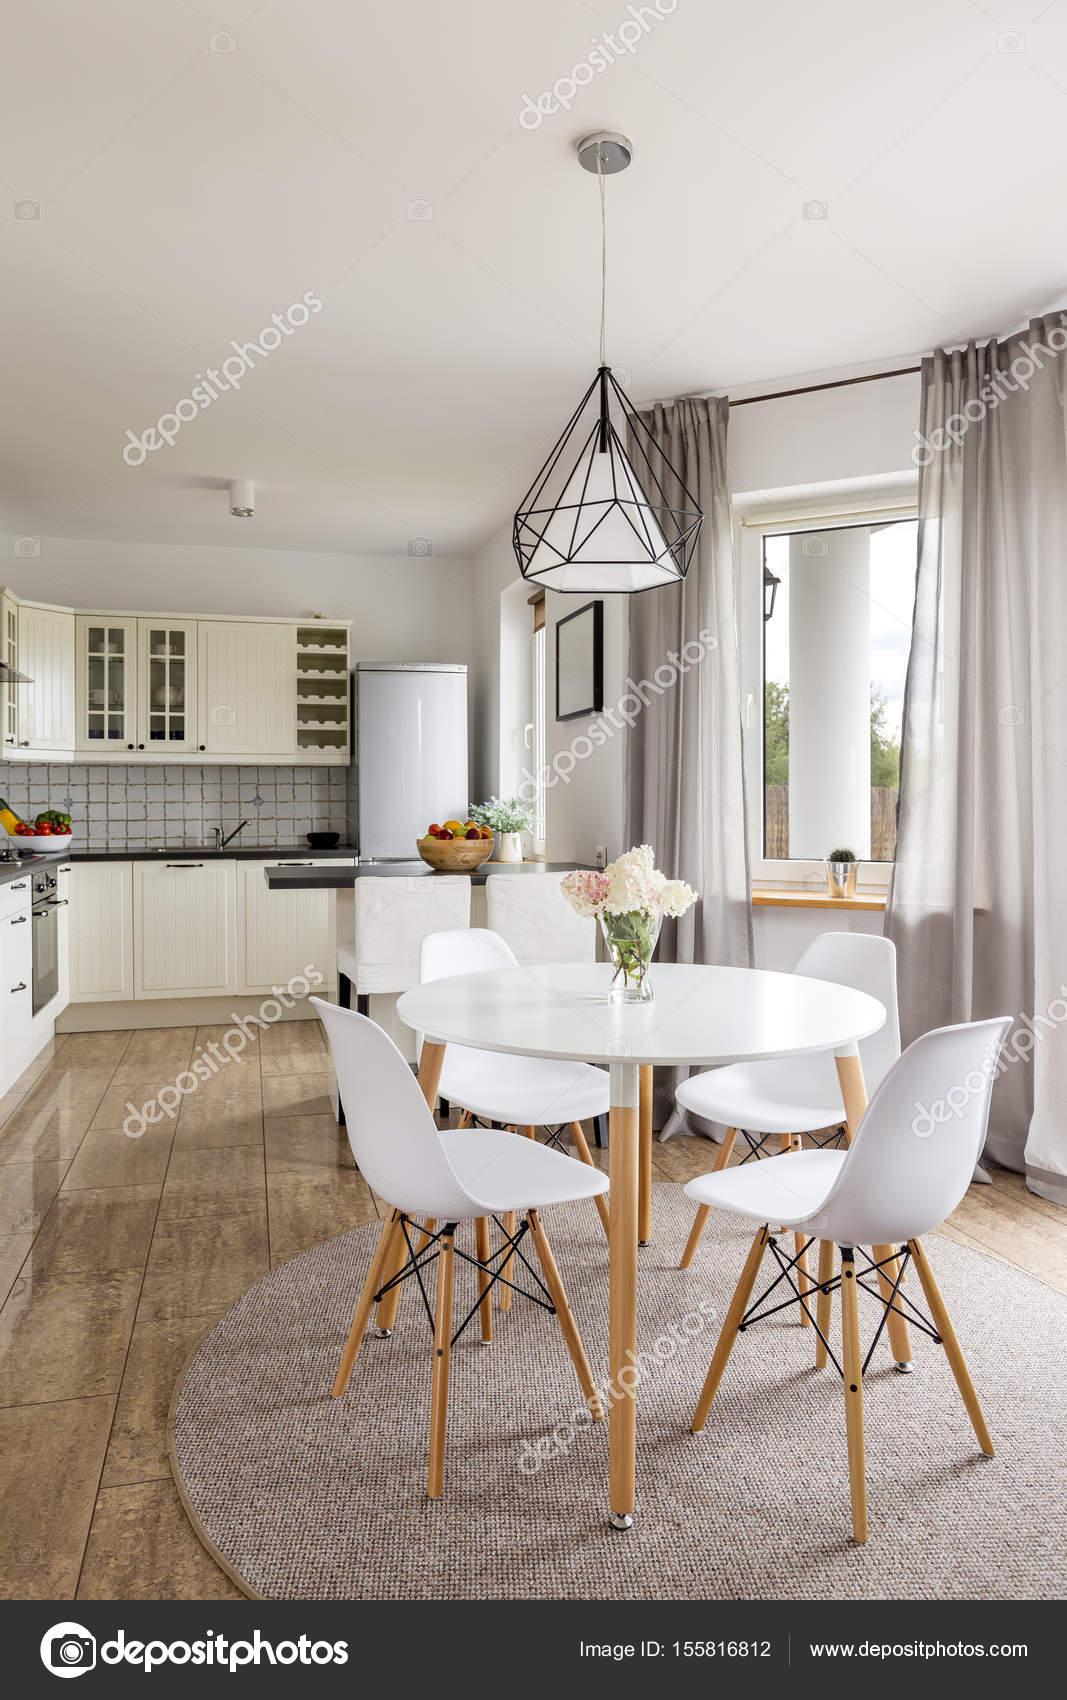 Cozinha Moderna Com Azulejos Cinzas Fotografias De Stock